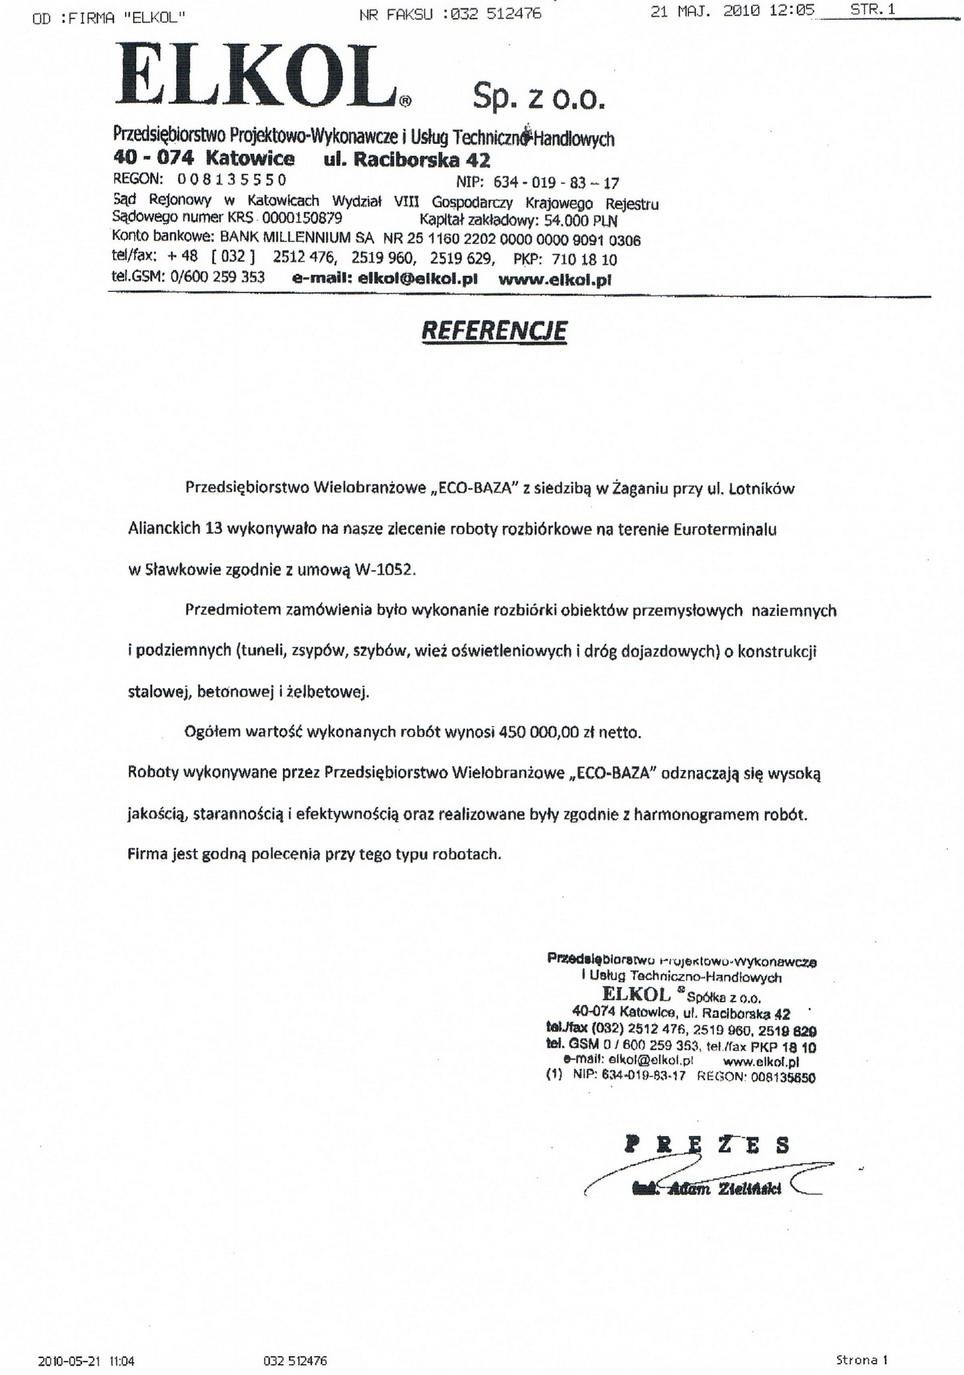 referencje_ecobaza_07